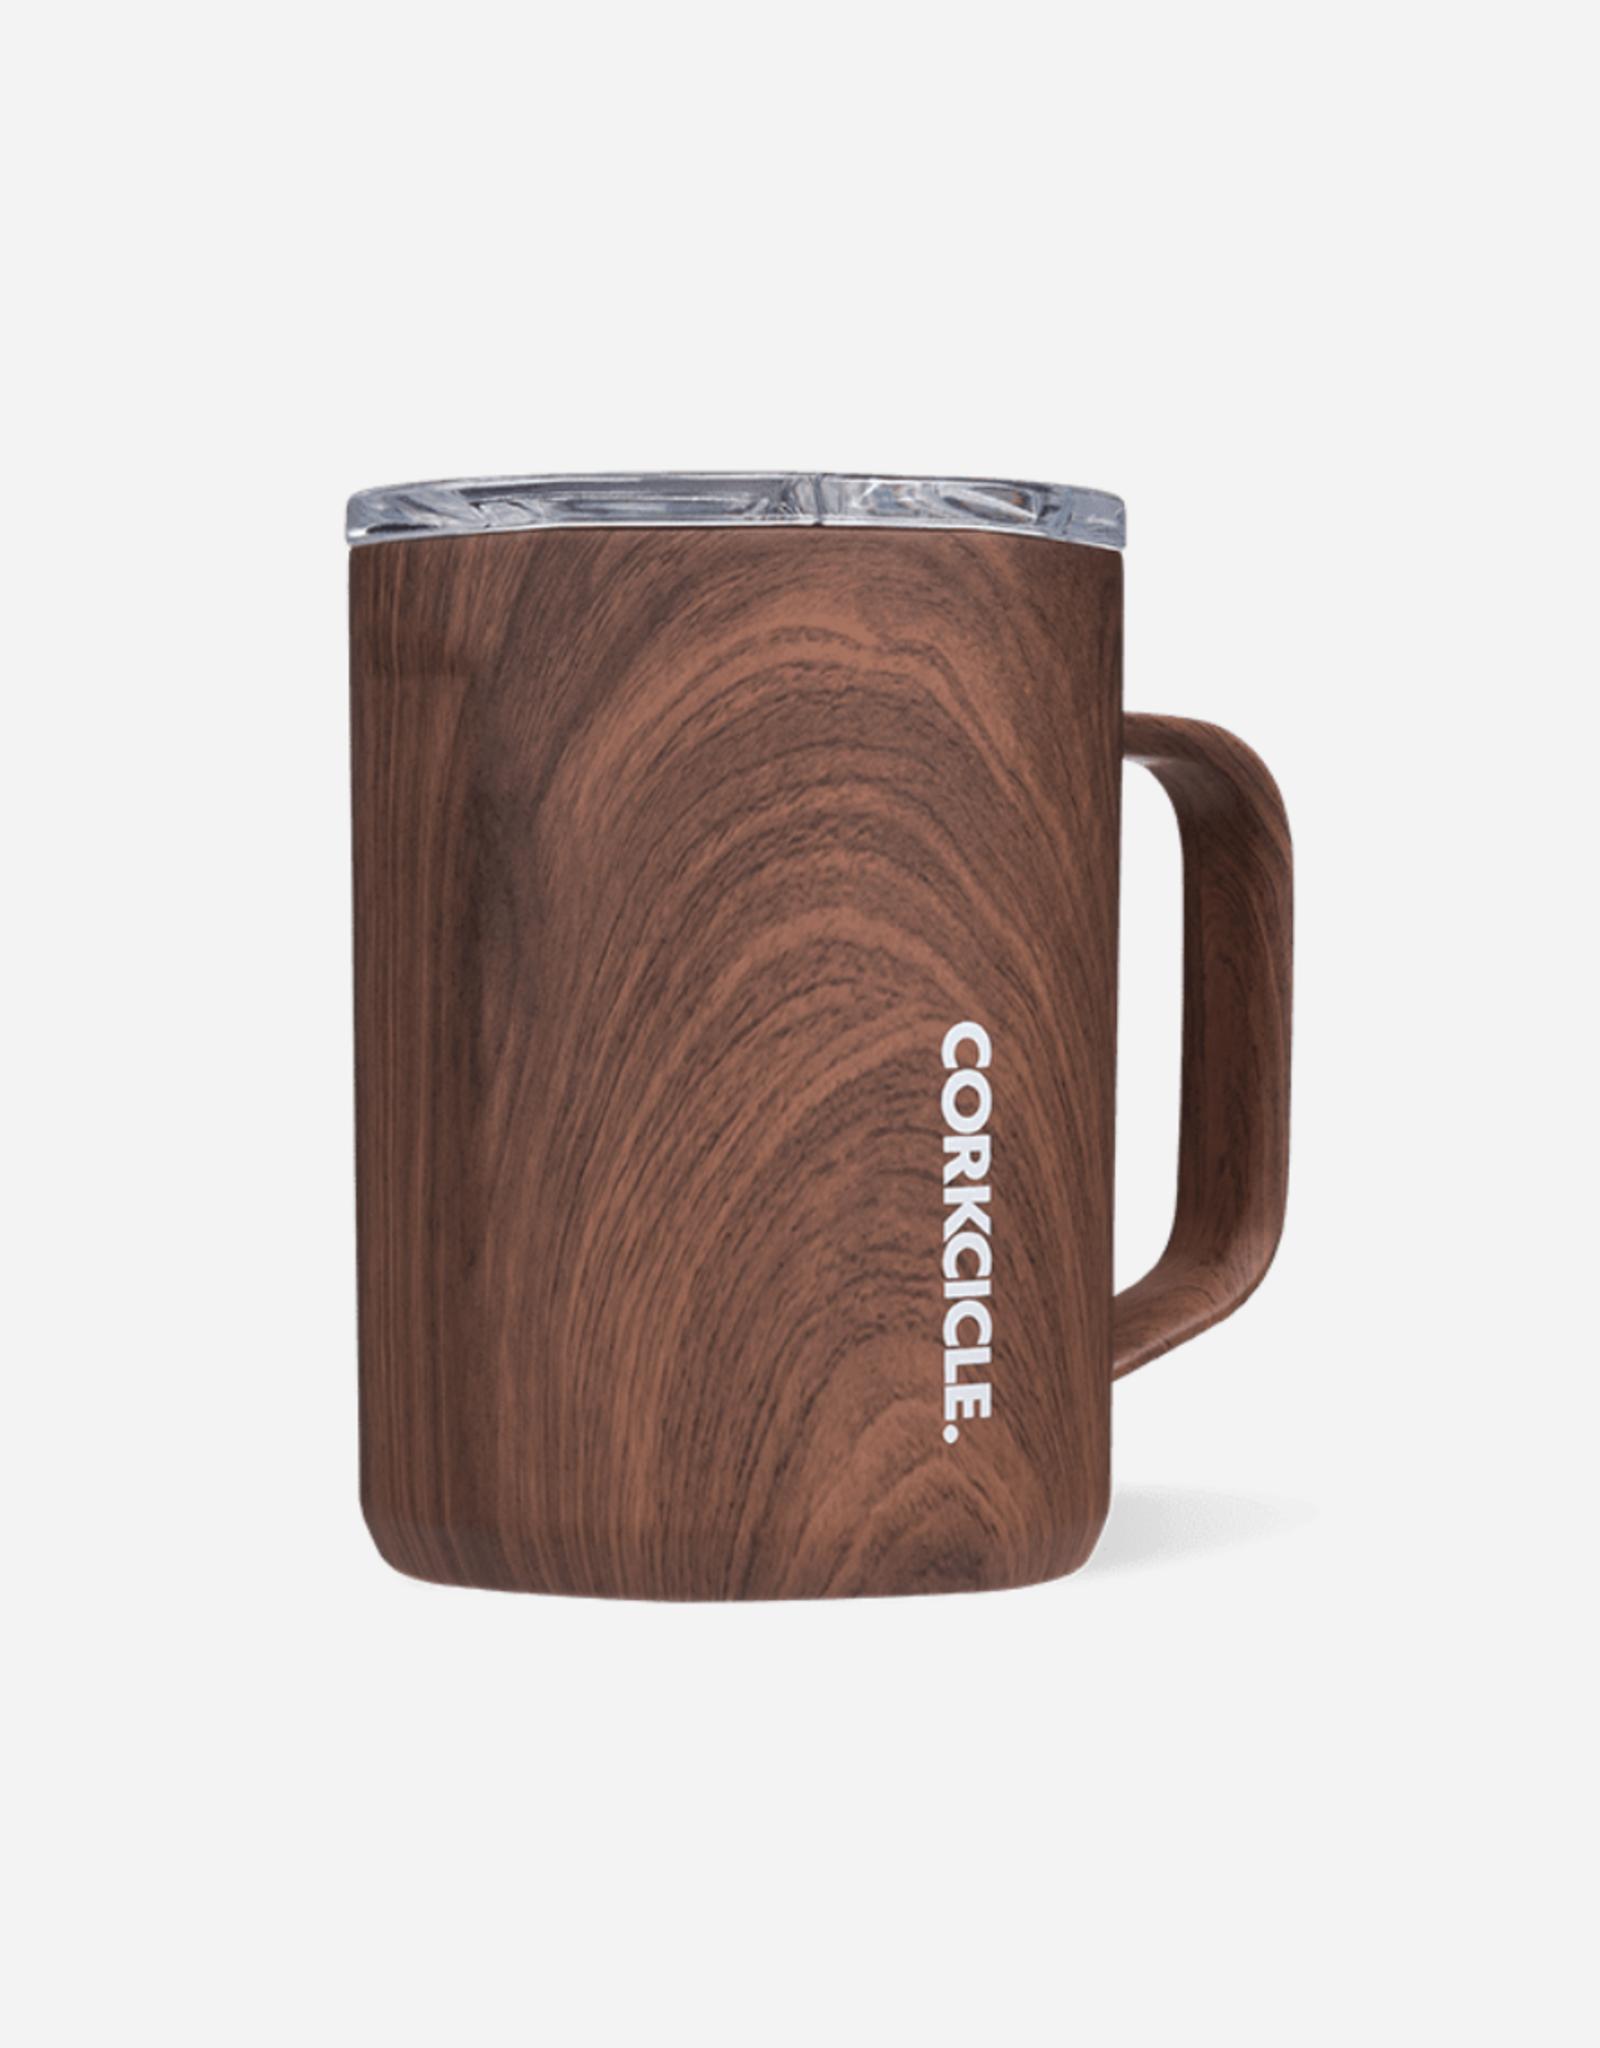 Corkcicle 16oz Mug Walnut Wood